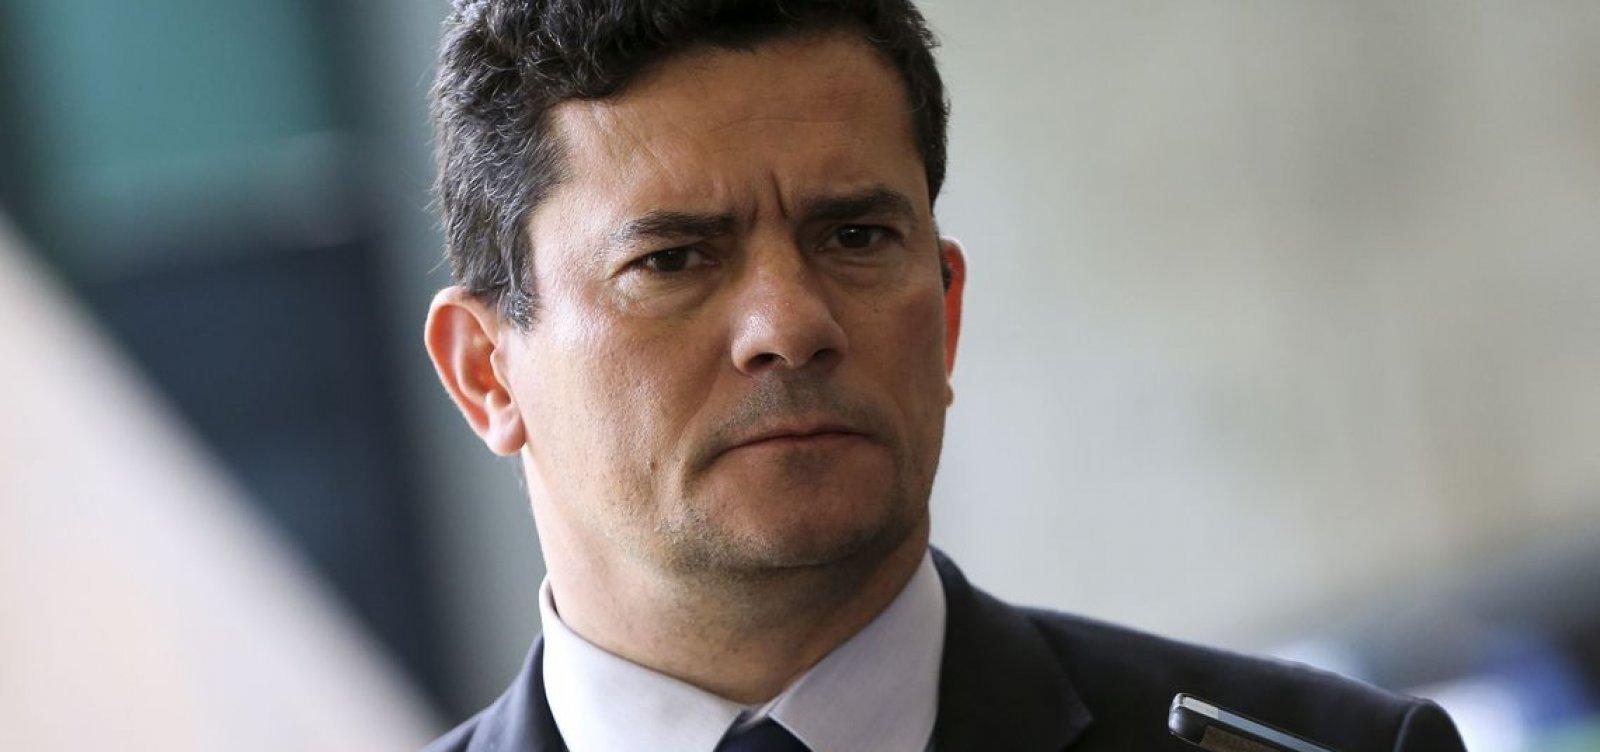 [Governo Bolsonaro me usou como desculpa para agenda anticorrupção, diz Moro]